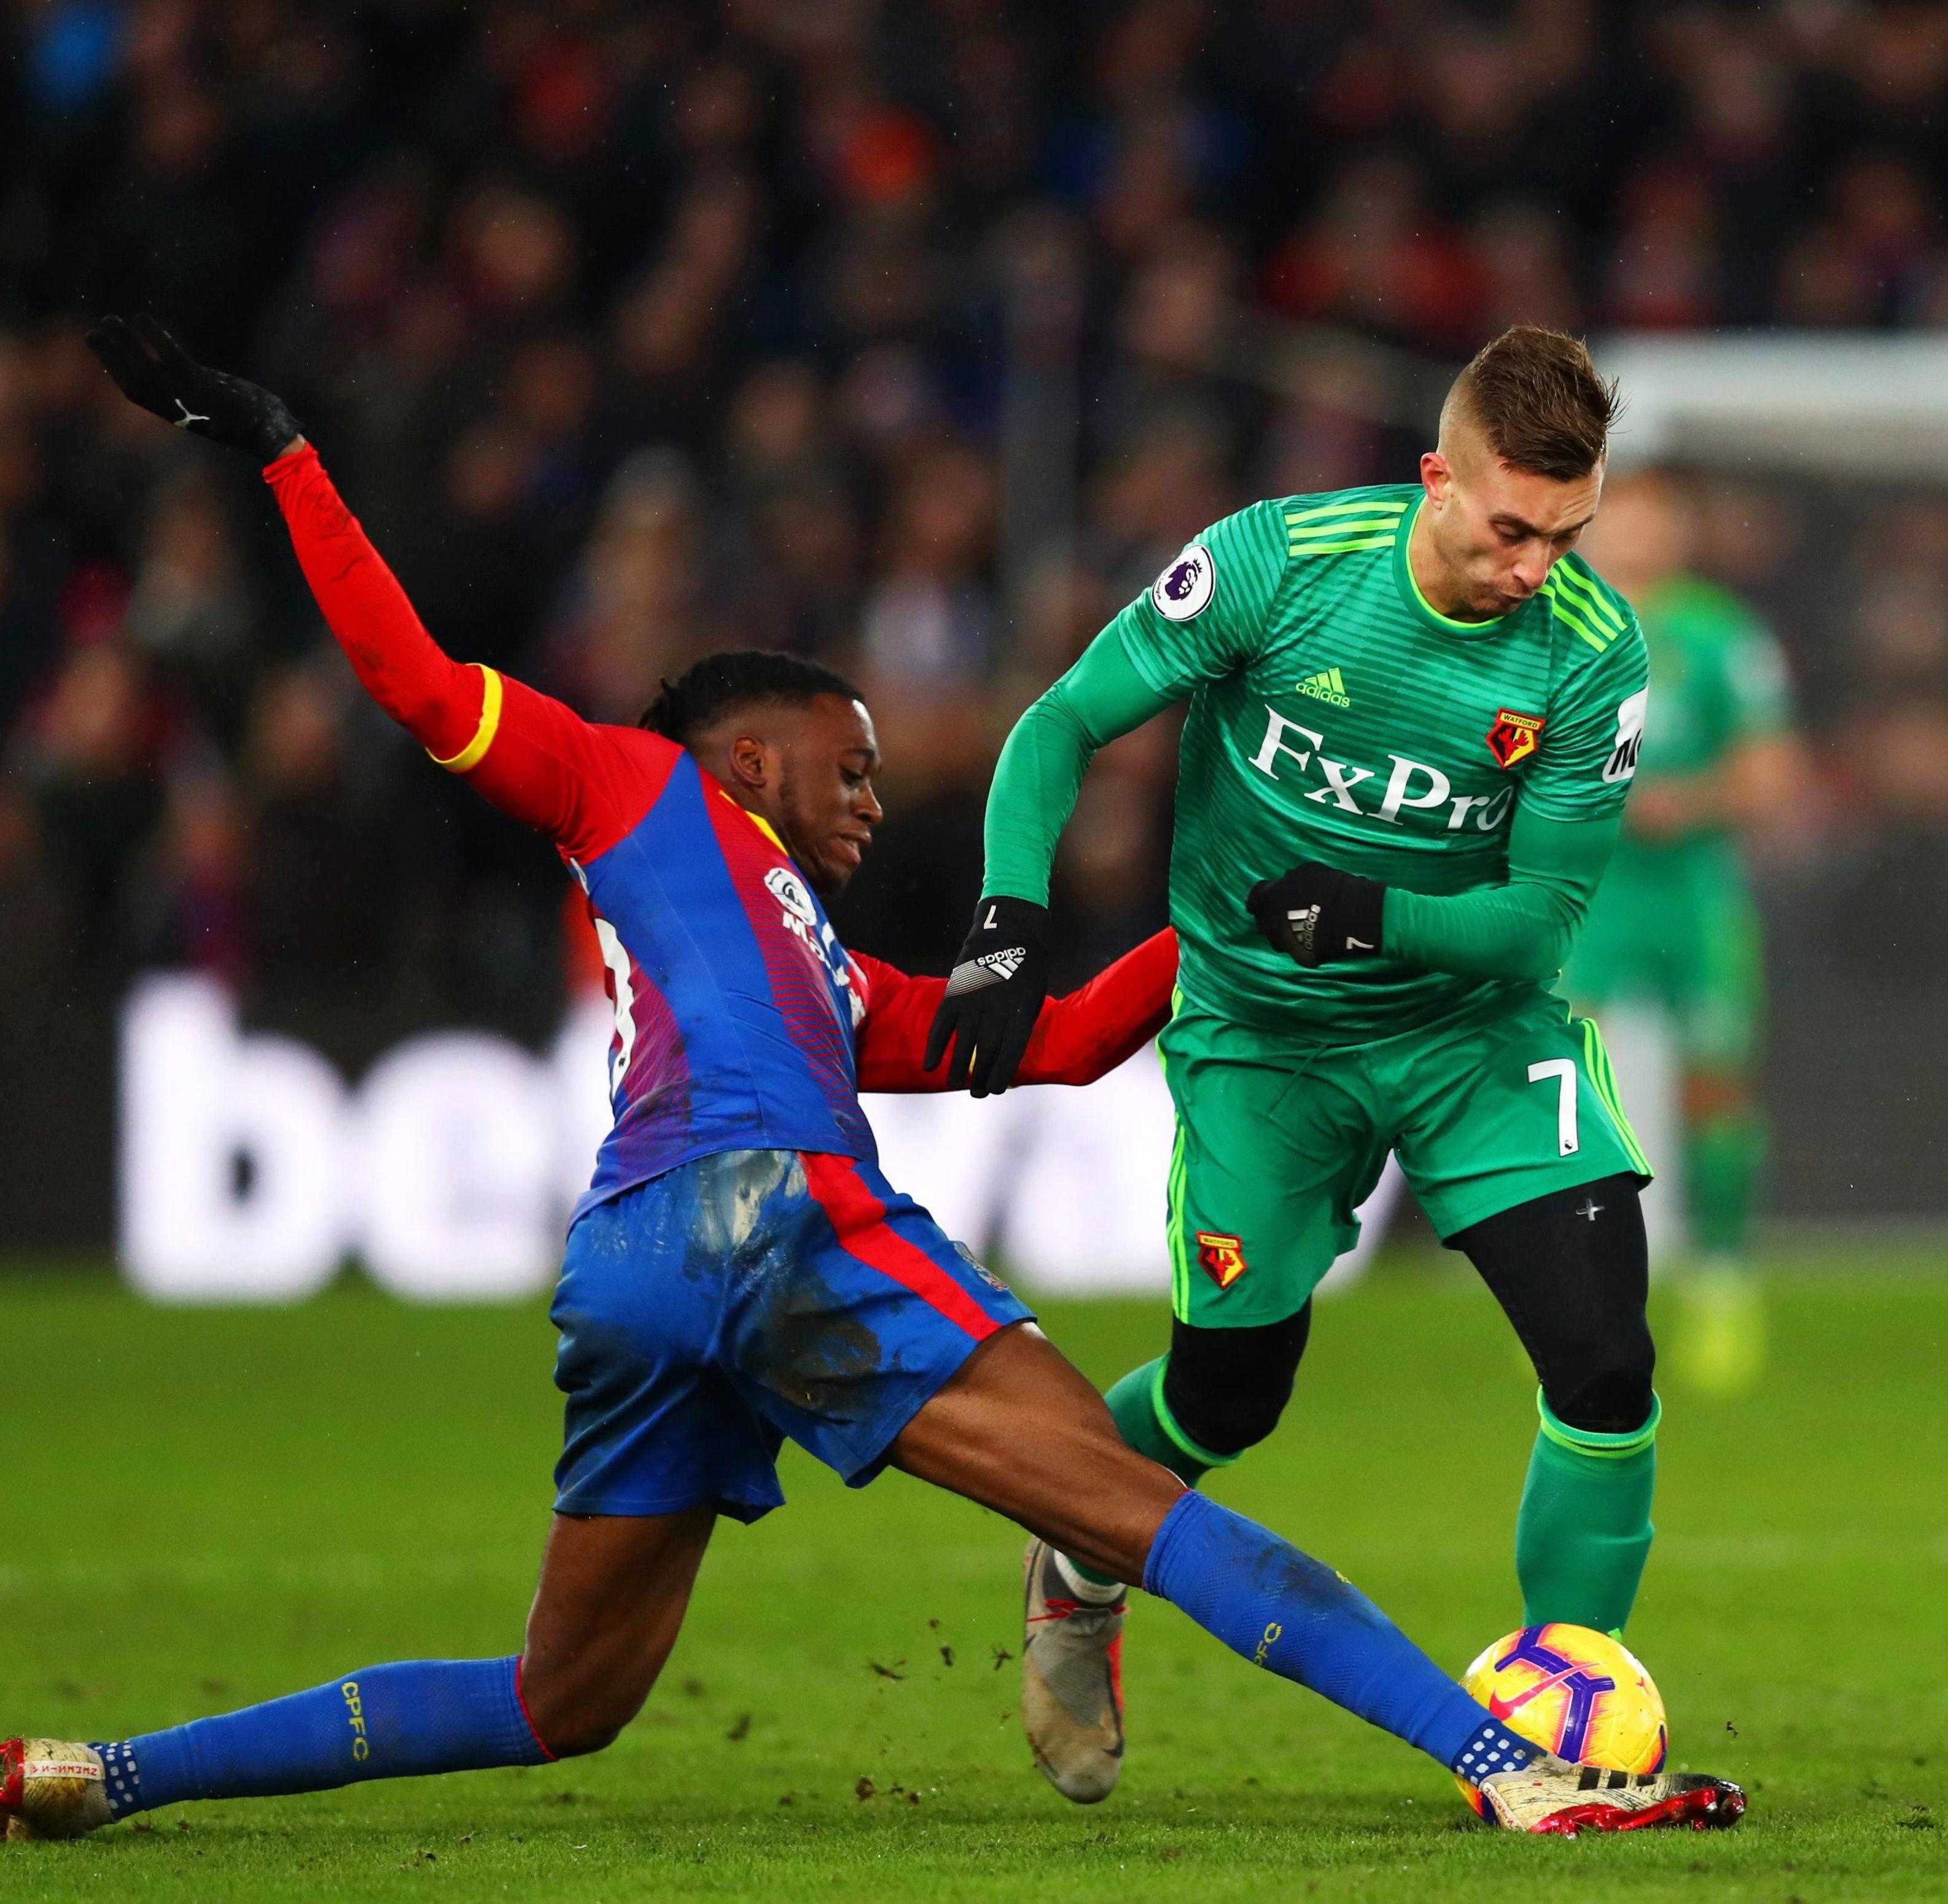 Aaron Wan-Bissaka tackles Gerard Deulofeu during Crystal Palace's loss to Watford